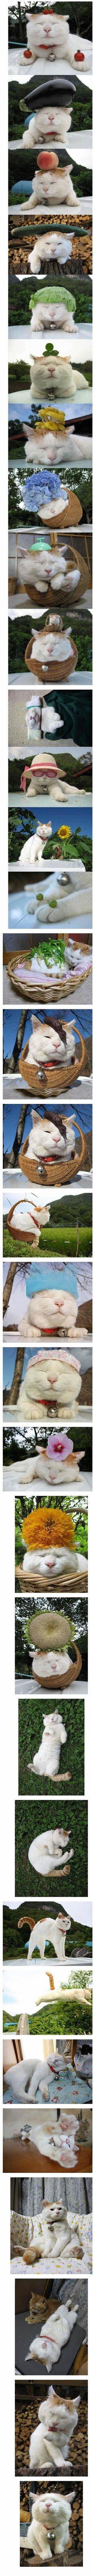 Oh my god, pretty cute. i wanna cry, LOL